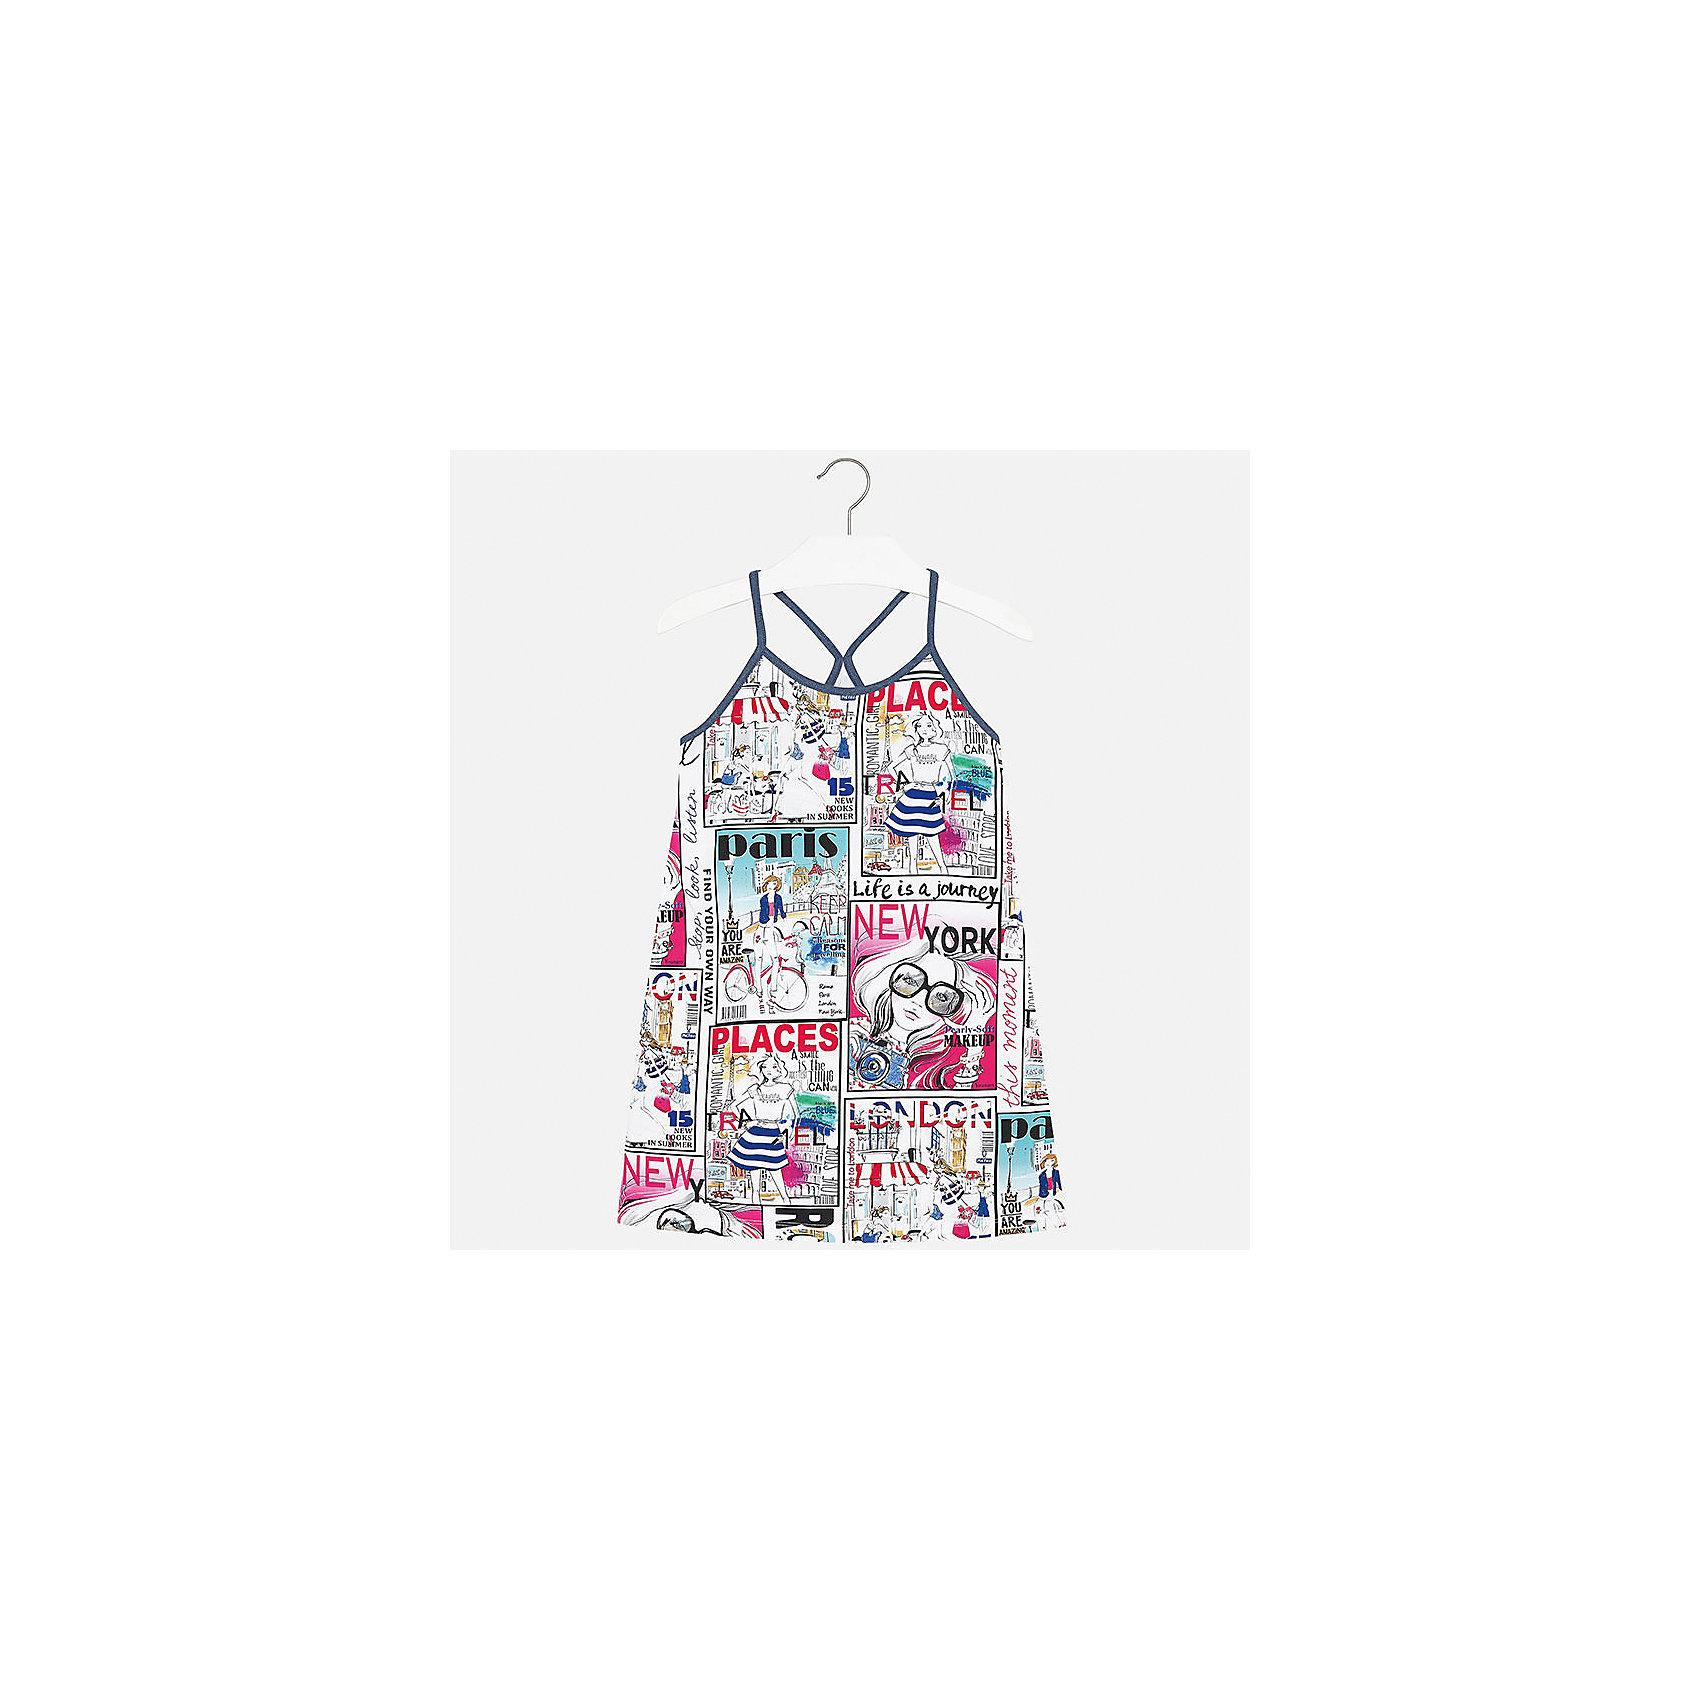 Платье для девочки MayoralХарактеристики товара:<br><br>• цвет: белый принт<br>• состав: 95% хлопок, 5% эластан<br>• без застежки<br>• бретельки<br>• без рукавов<br>• принт<br>• страна бренда: Испания<br><br>Стильное платье для девочки поможет разнообразить гардероб ребенка и создать эффектный наряд. Оно подойдет для различных случаев. Красивый оттенок позволяет подобрать к вещи обувь разных расцветок. Платье хорошо сидит по фигуре. В составе материала - натуральный хлопок, гипоаллергенный, приятный на ощупь, дышащий. <br><br>Одежда, обувь и аксессуары от испанского бренда Mayoral полюбились детям и взрослым по всему миру. Модели этой марки - стильные и удобные. Для их производства используются только безопасные, качественные материалы и фурнитура. Порадуйте ребенка модными и красивыми вещами от Mayoral! <br><br>Платье для девочки от испанского бренда Mayoral (Майорал) можно купить в нашем интернет-магазине.<br><br>Ширина мм: 236<br>Глубина мм: 16<br>Высота мм: 184<br>Вес г: 177<br>Цвет: разноцветный<br>Возраст от месяцев: 84<br>Возраст до месяцев: 96<br>Пол: Женский<br>Возраст: Детский<br>Размер: 128/134,170,140,152,158,164<br>SKU: 5293341